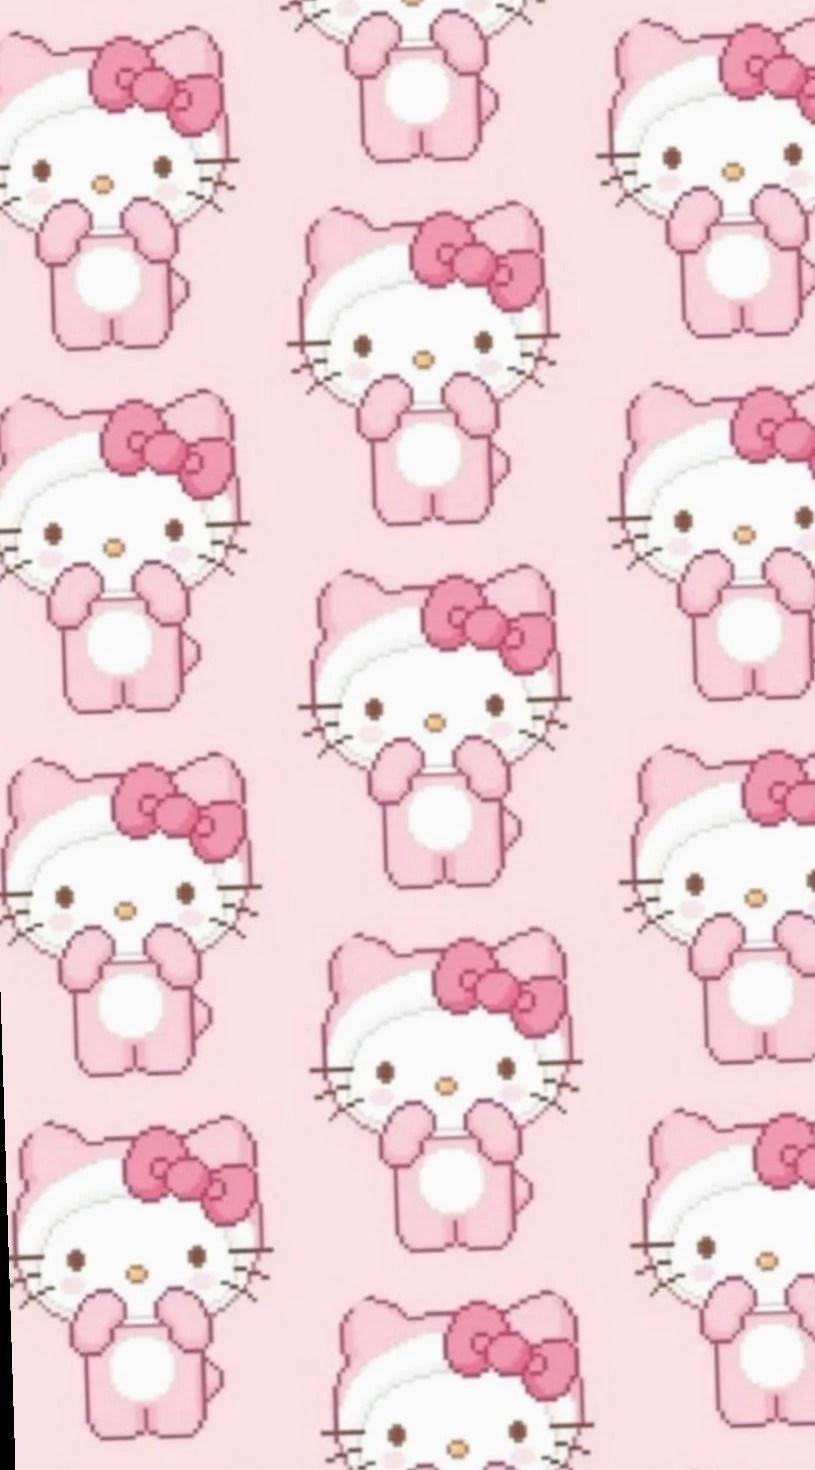 Hello Kitty Aesthetic Background : hello, kitty, aesthetic, background, Hello, Kitty, Wallpapers, Backgrounds, WallpaperAccess